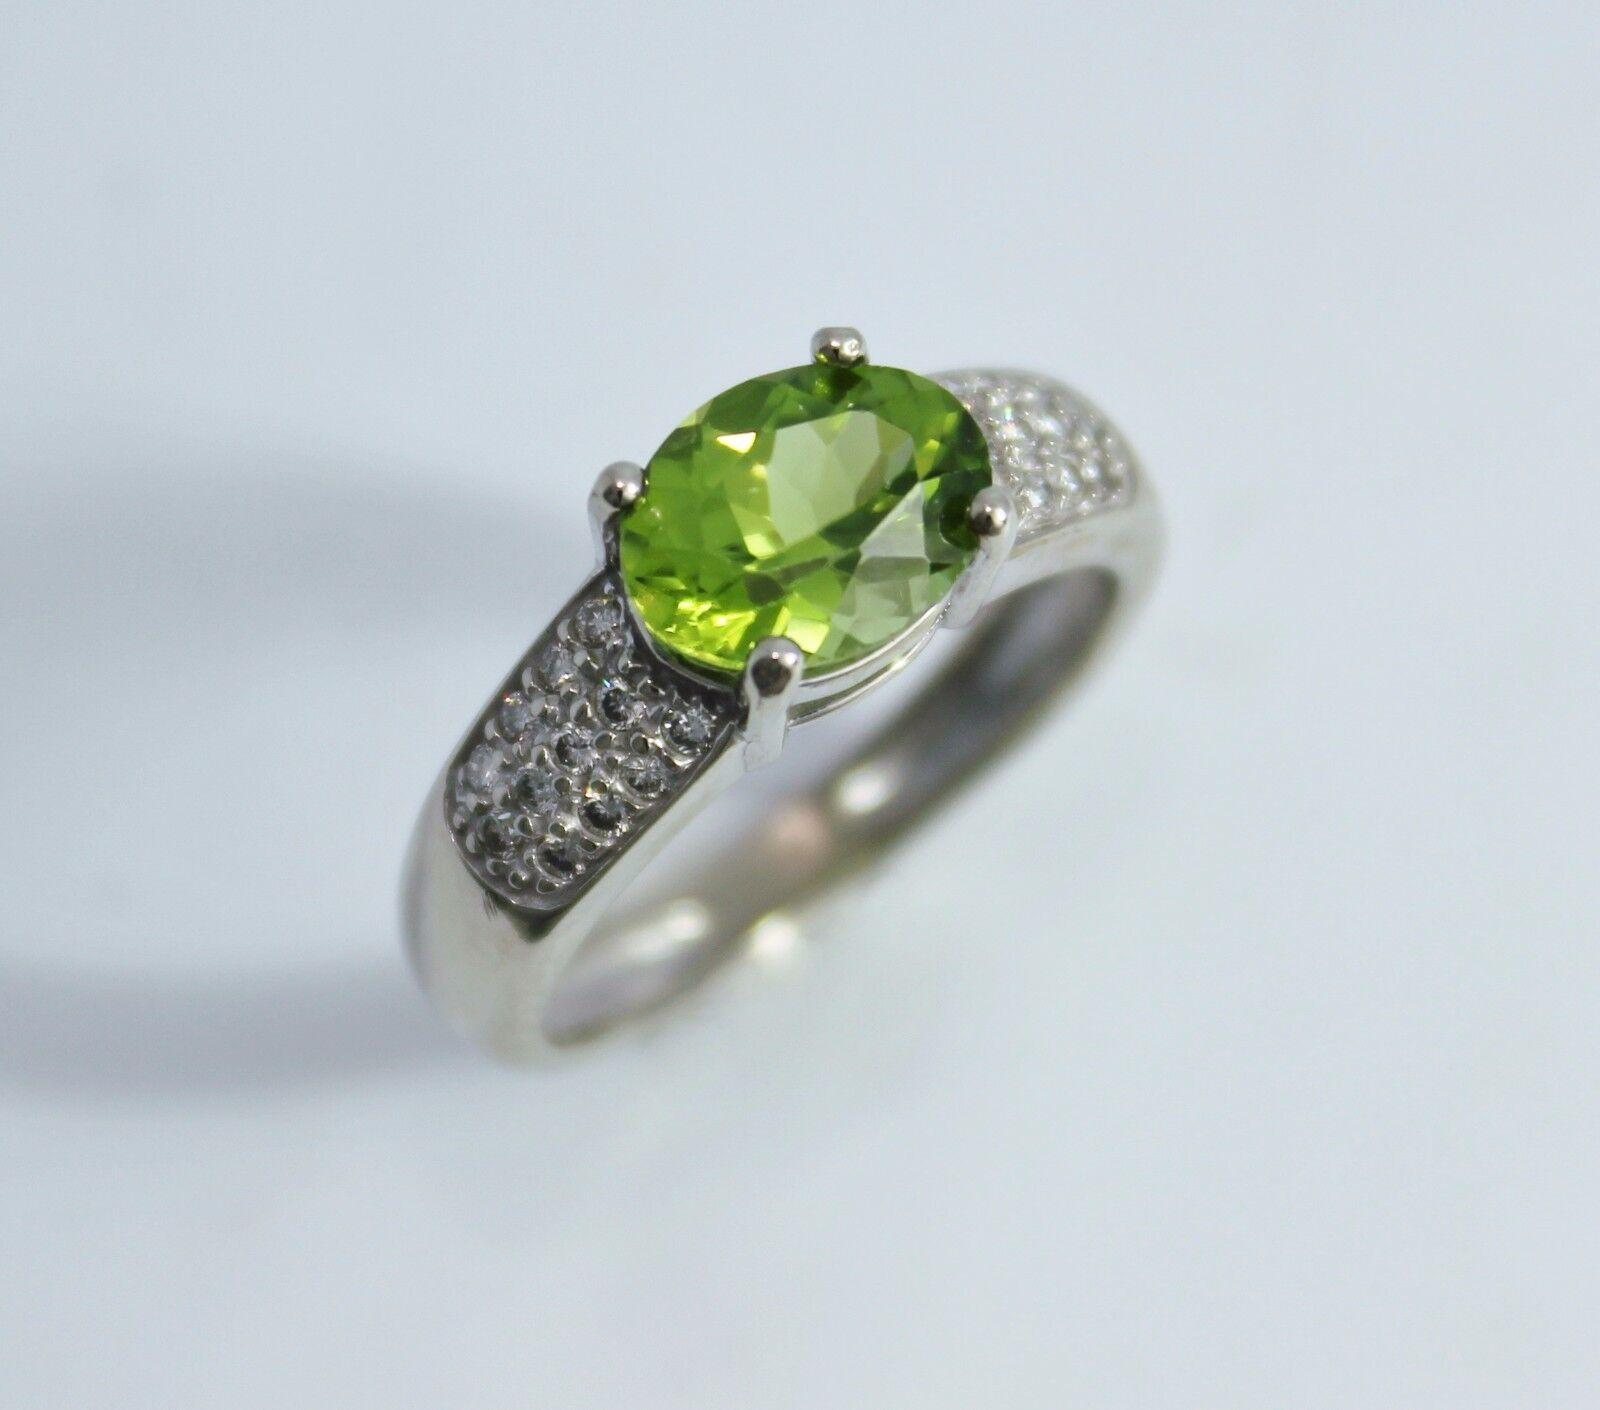 14k White gold Peridot Ring, Oval Peridot, Diamond Accents, Size 7